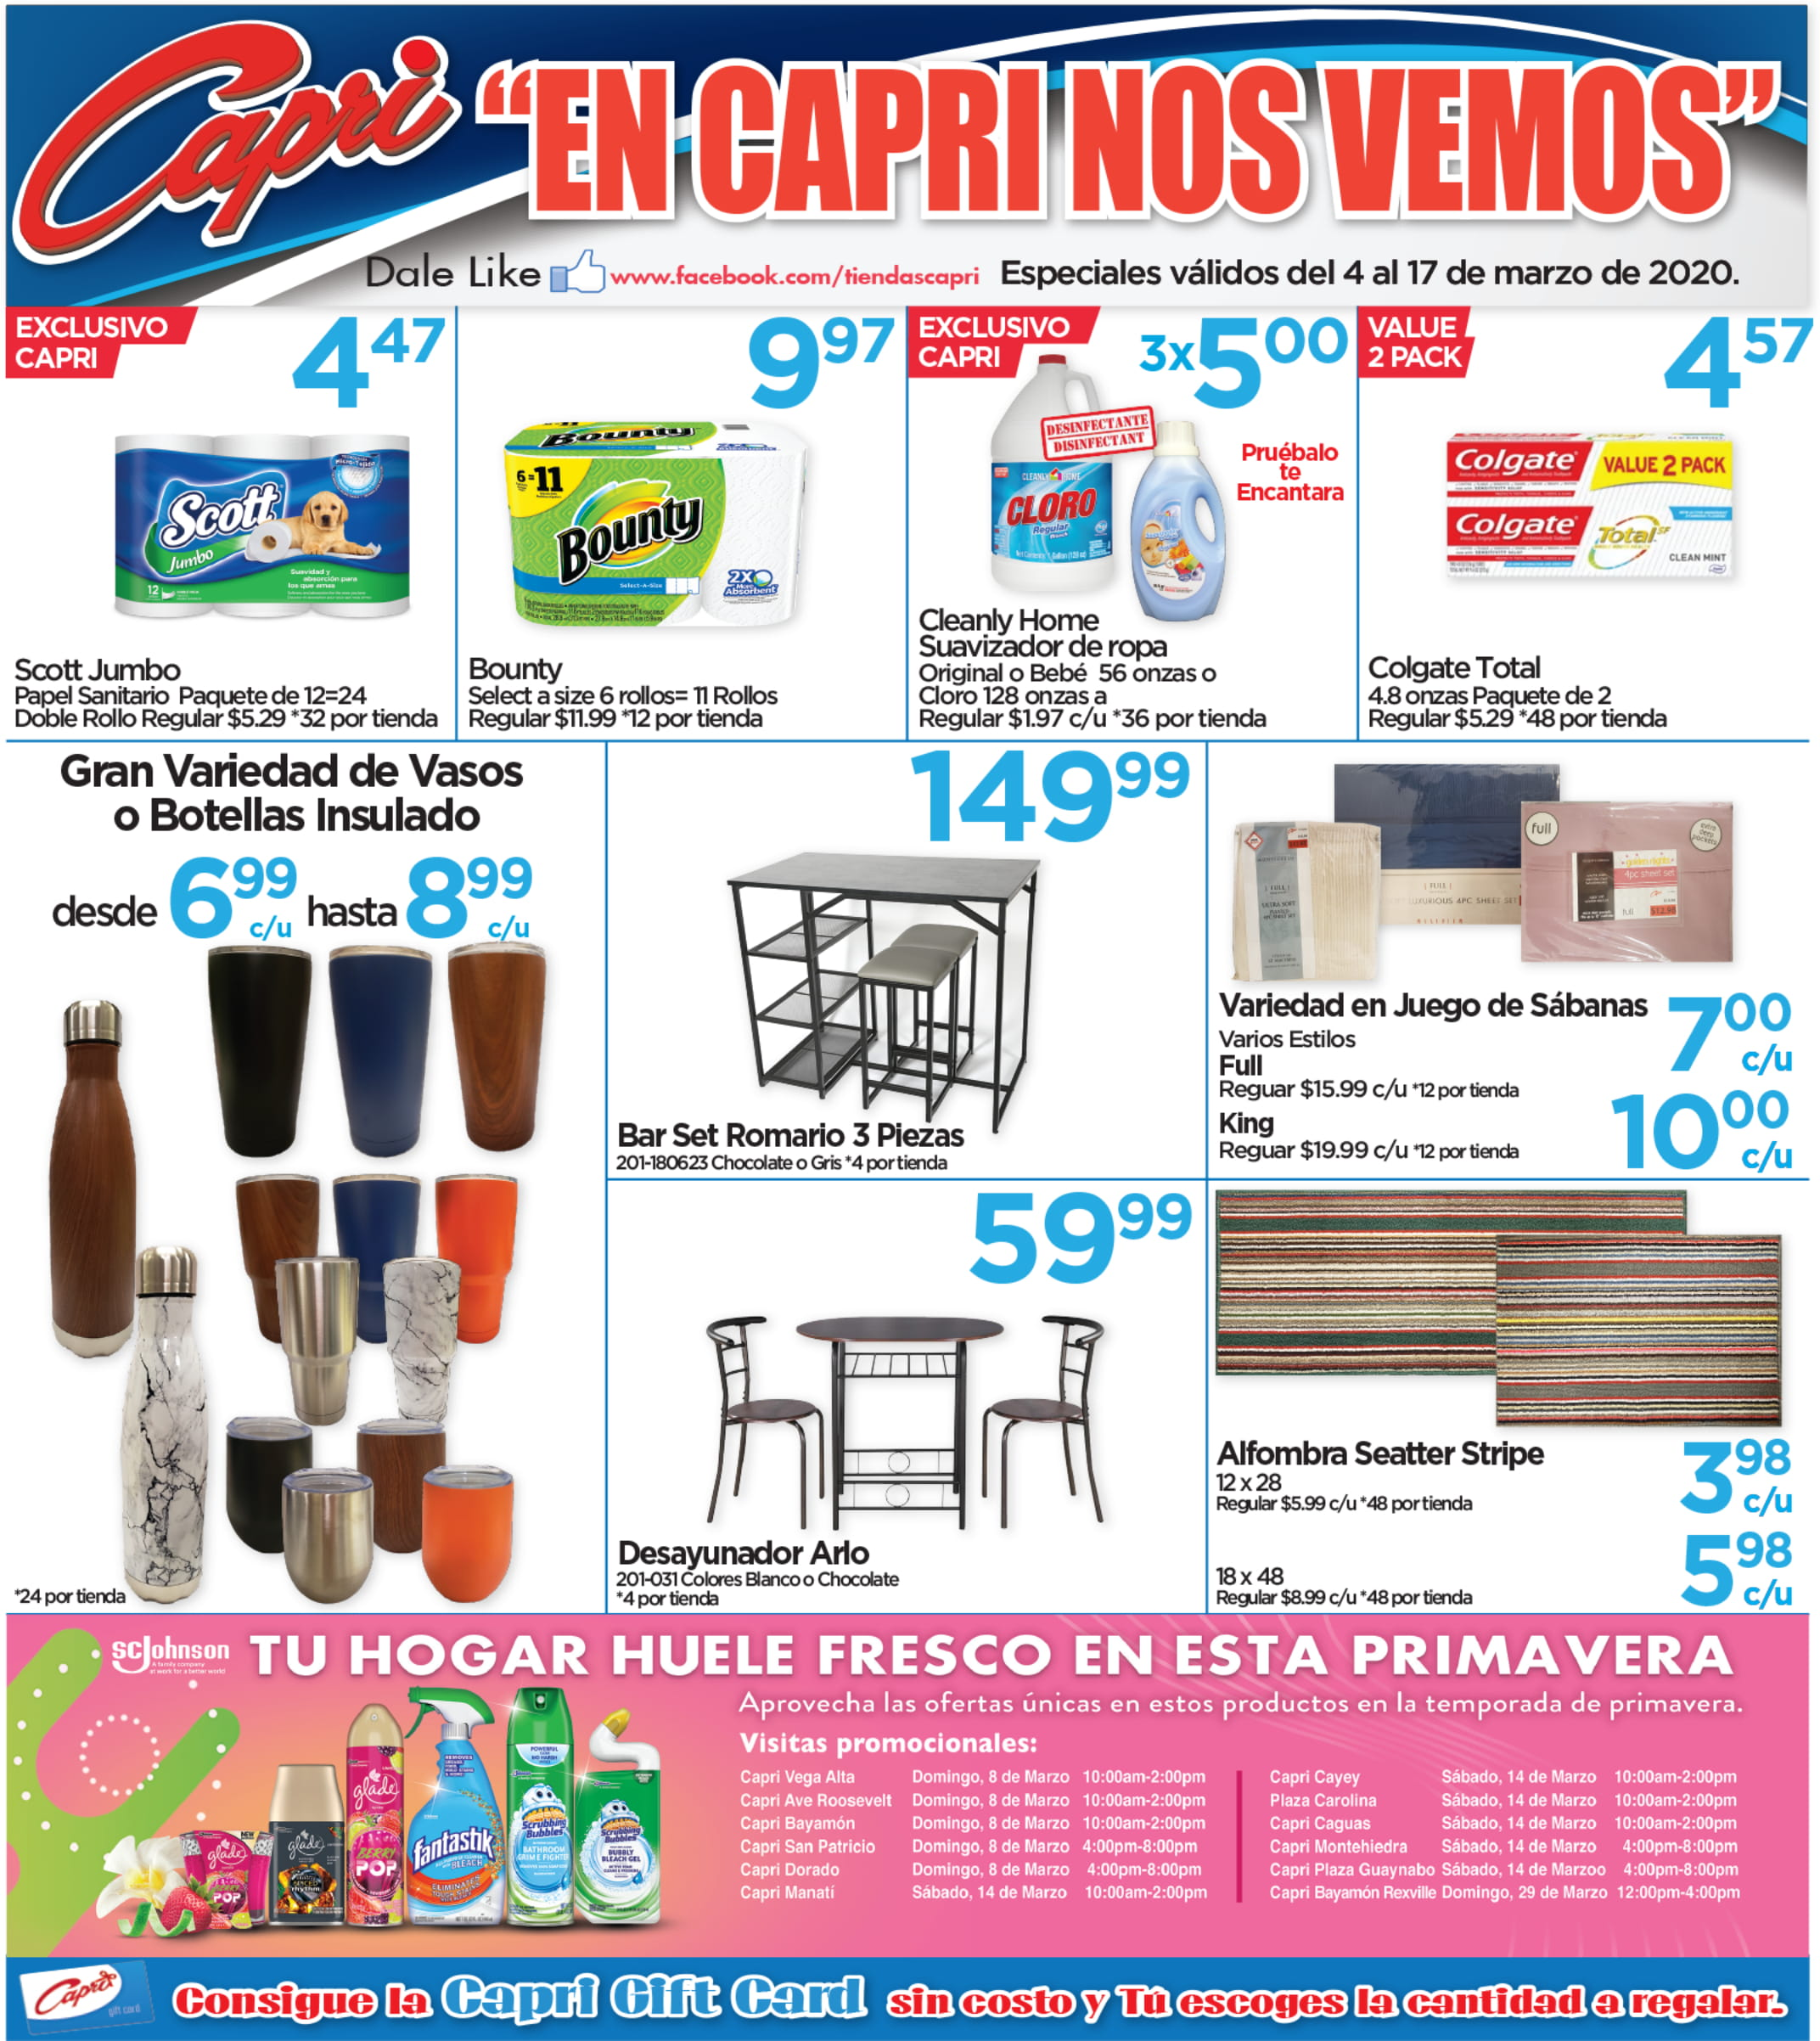 FB ALL shopper 4-17 Marzo 2020-1